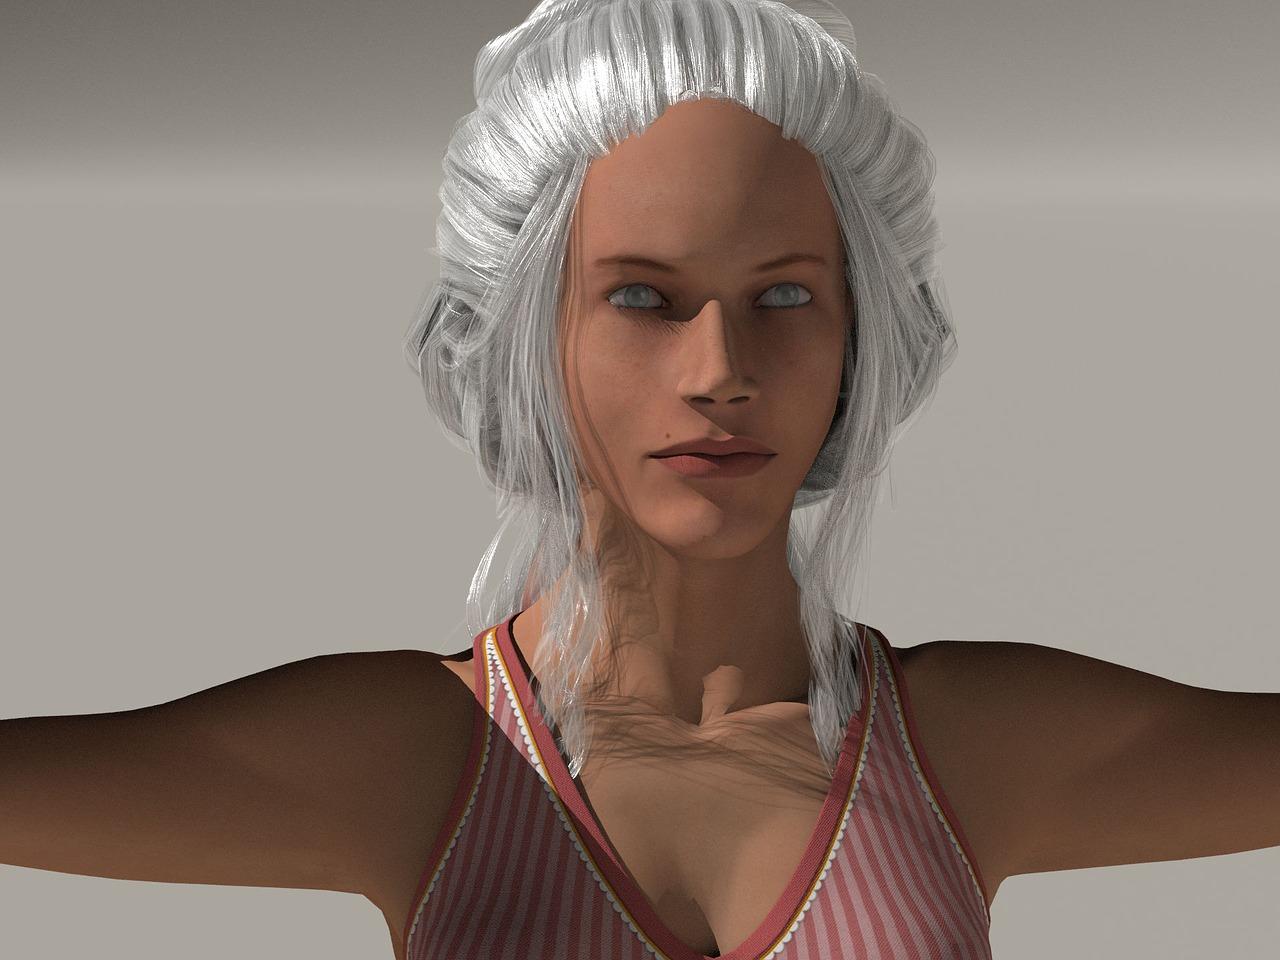 Moda: ¿Por qué cada vez más mujeres se tiñen para volver a su pelo gris?